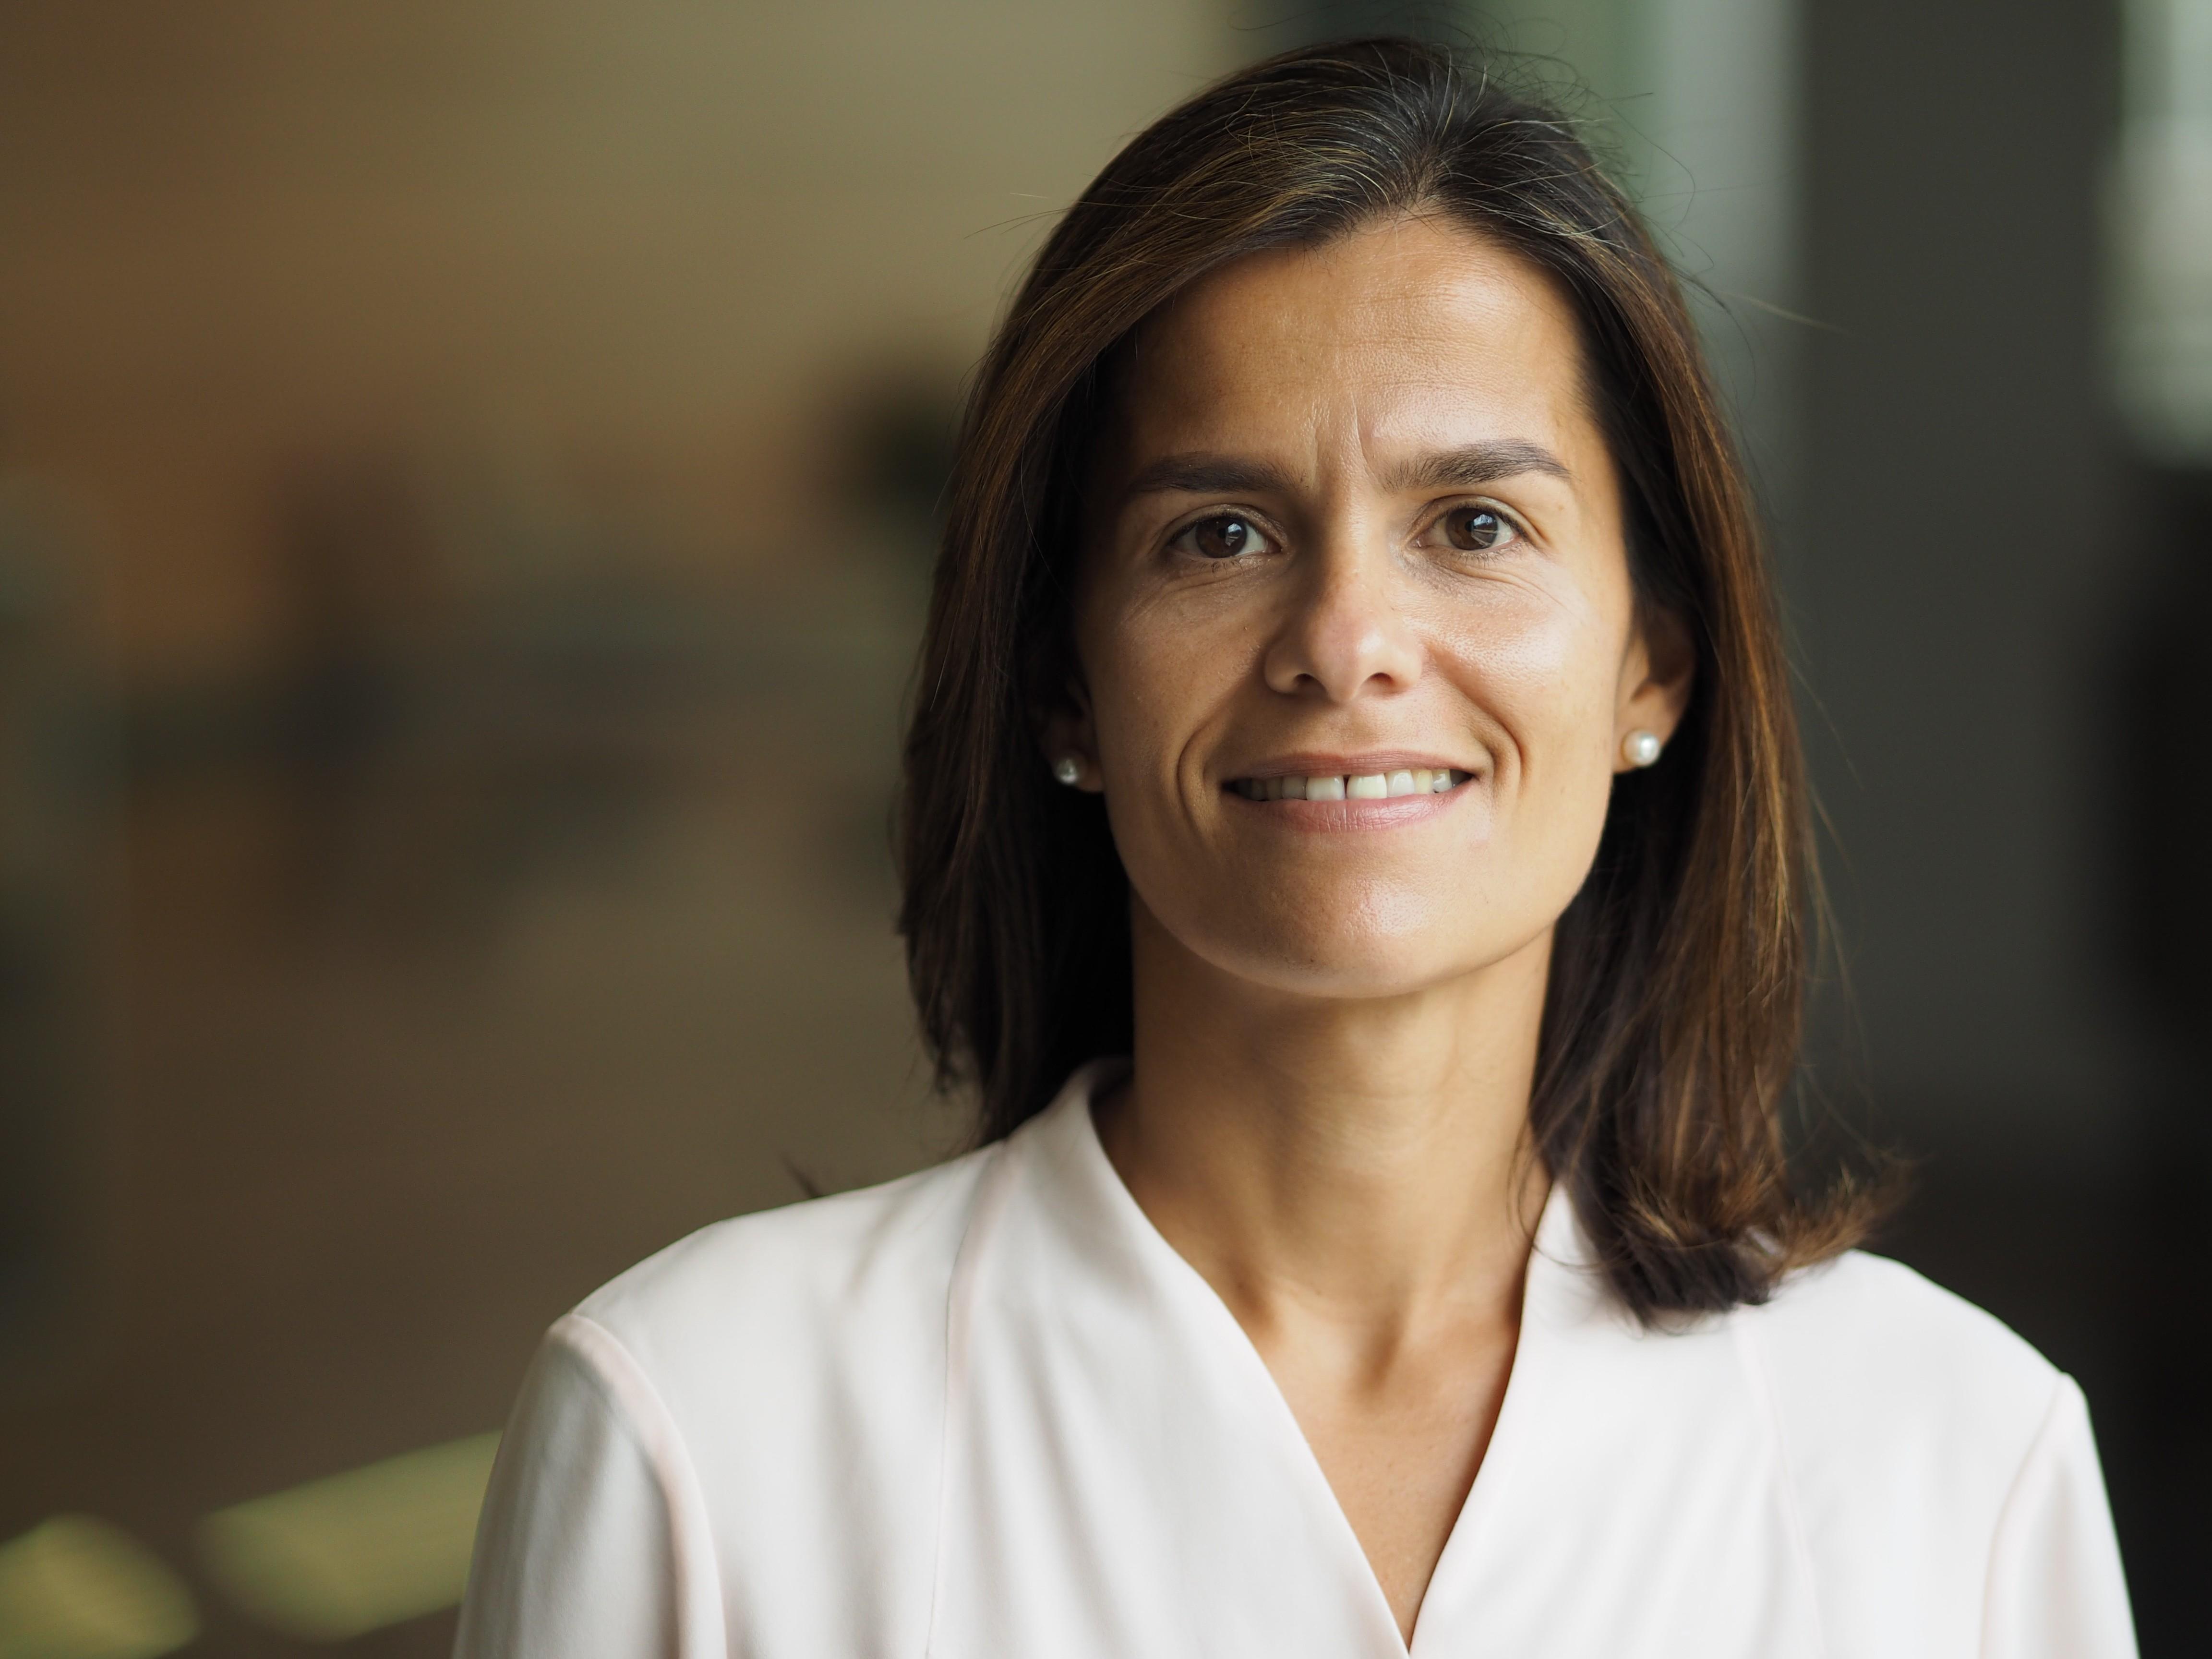 Ana Prata, vice-presidente de recursos humanos da Equinor (Foto: Divulgação)